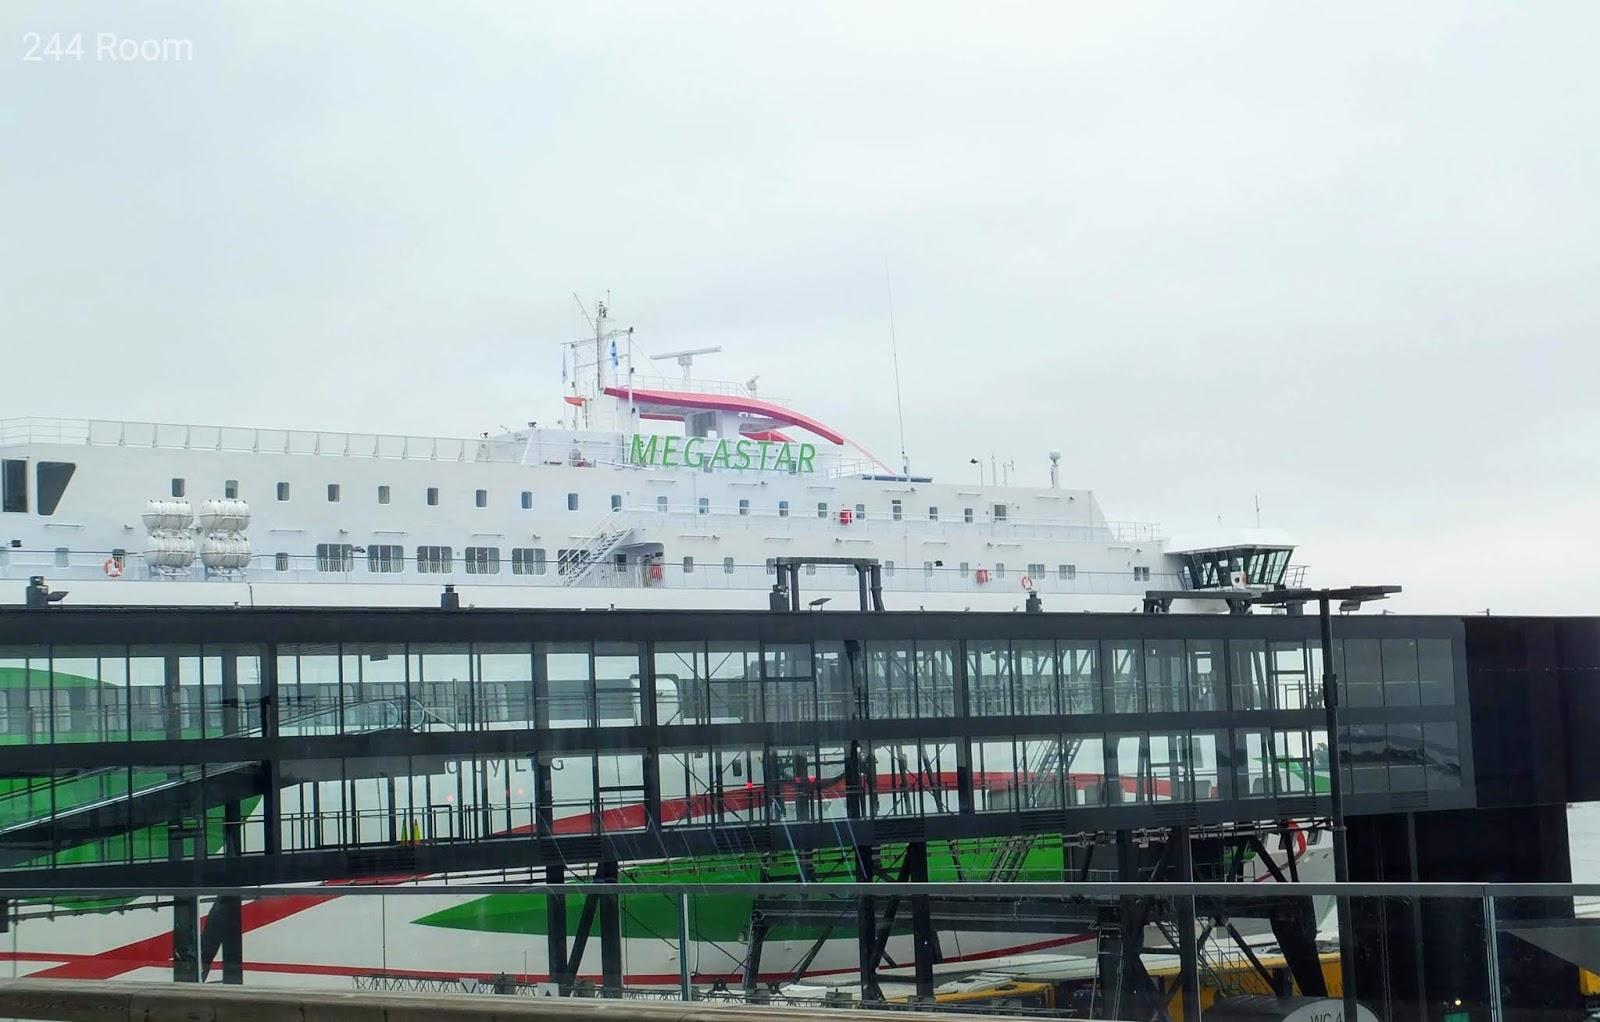 Tallinksilja line Megastar ferry